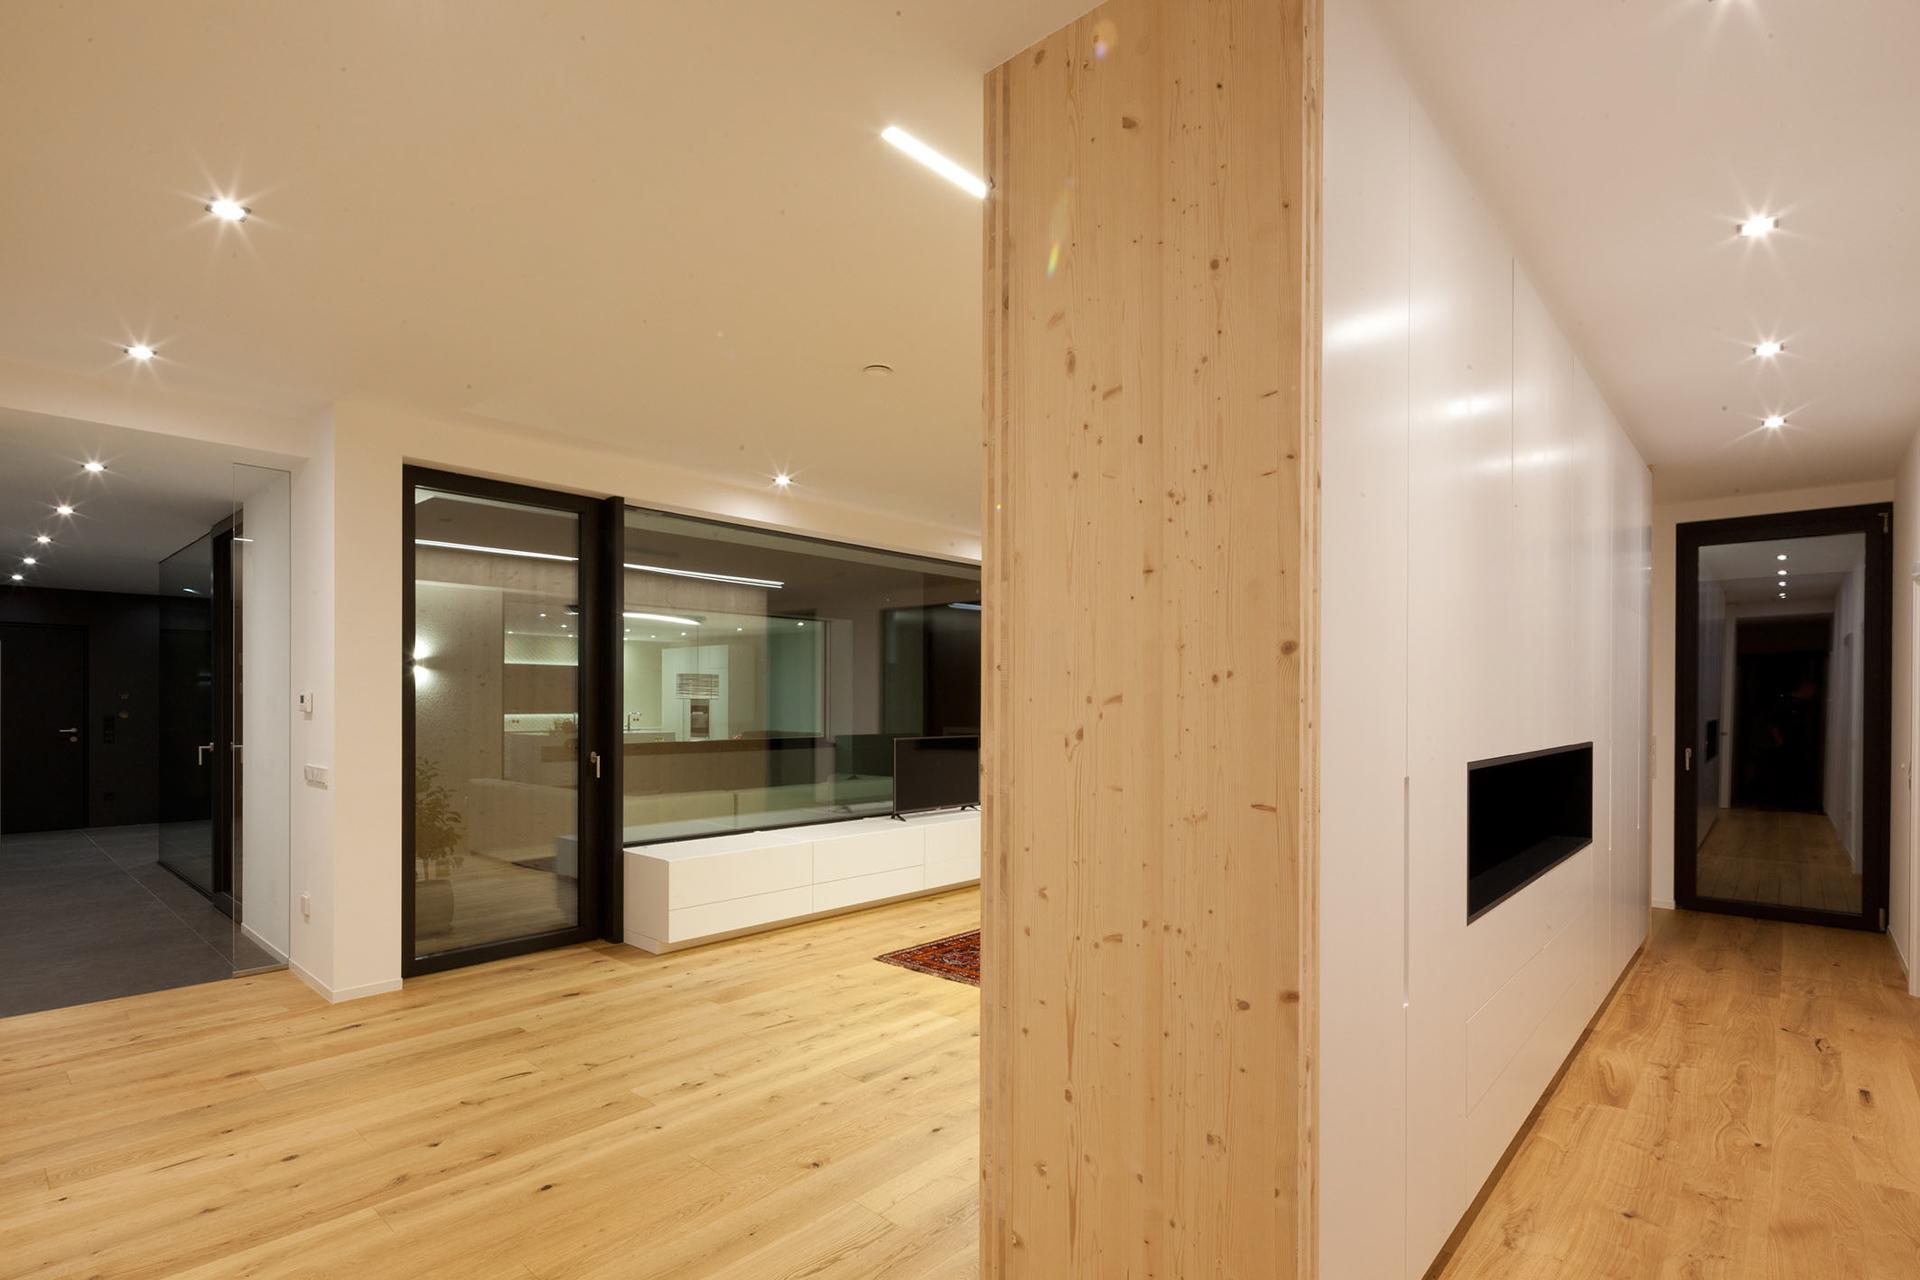 Innenansicht des Wohnzimmers in einem Bungalow der Paschinger Architekten